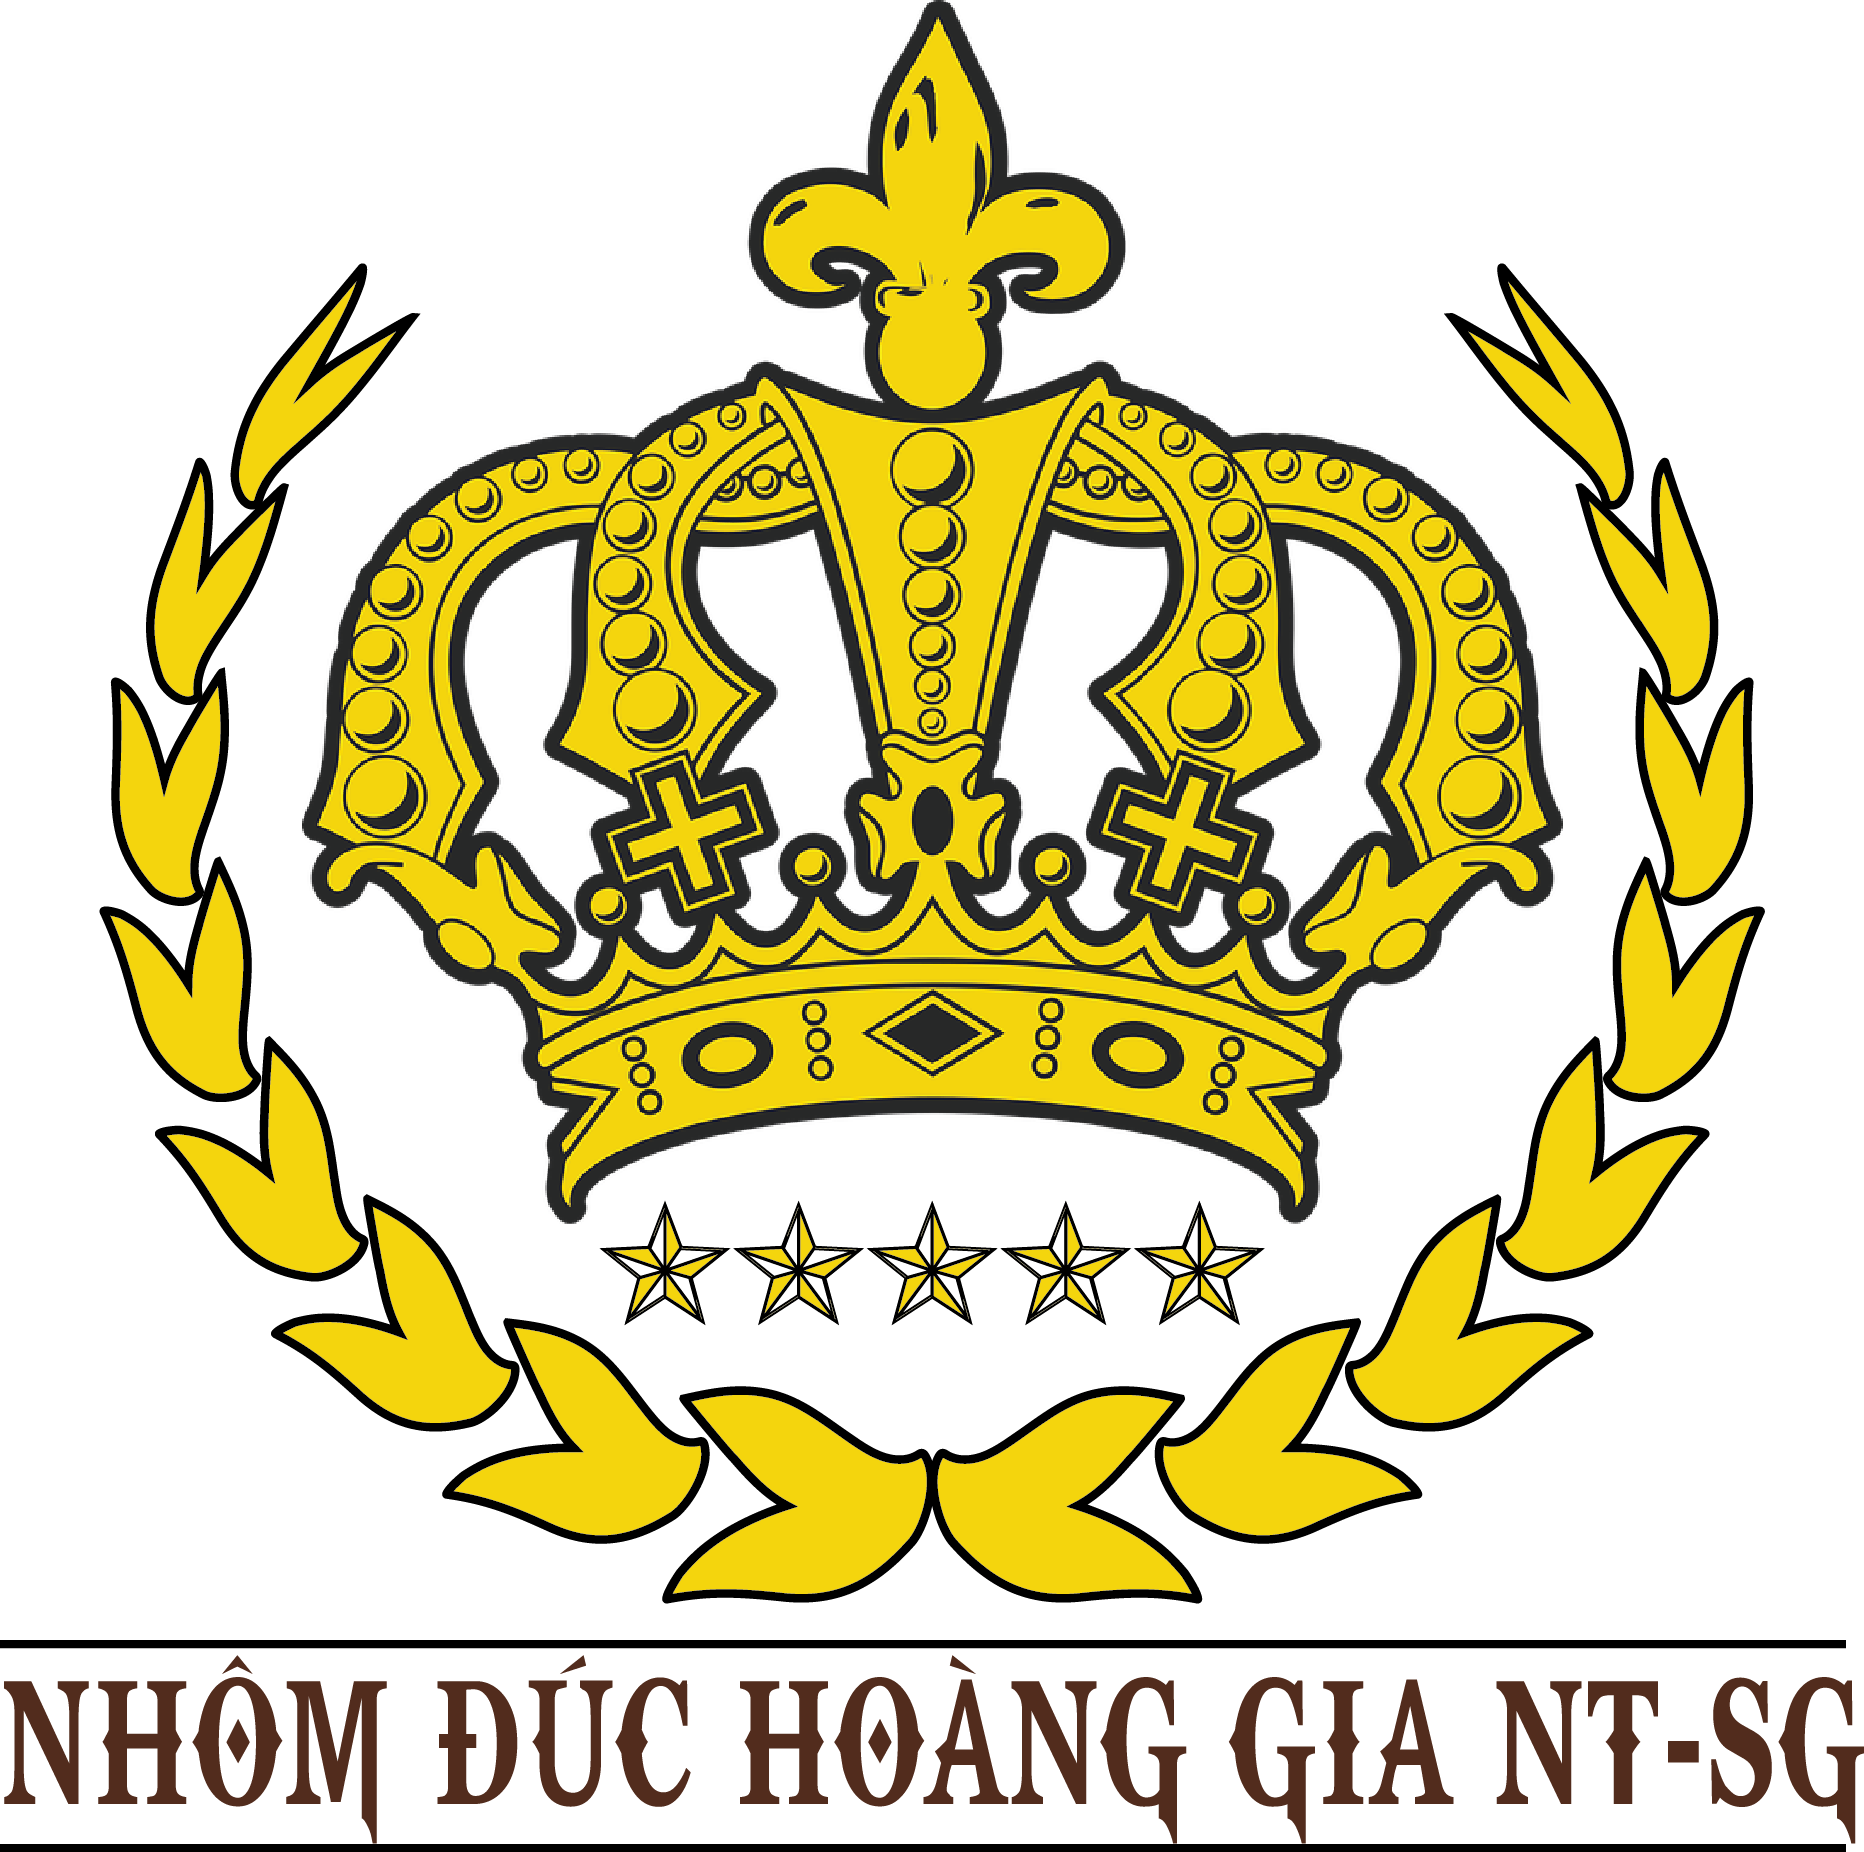 Cổng Nhôm Đúc Nha Trang Sài Gòn, Cổng Nhôm Đúc